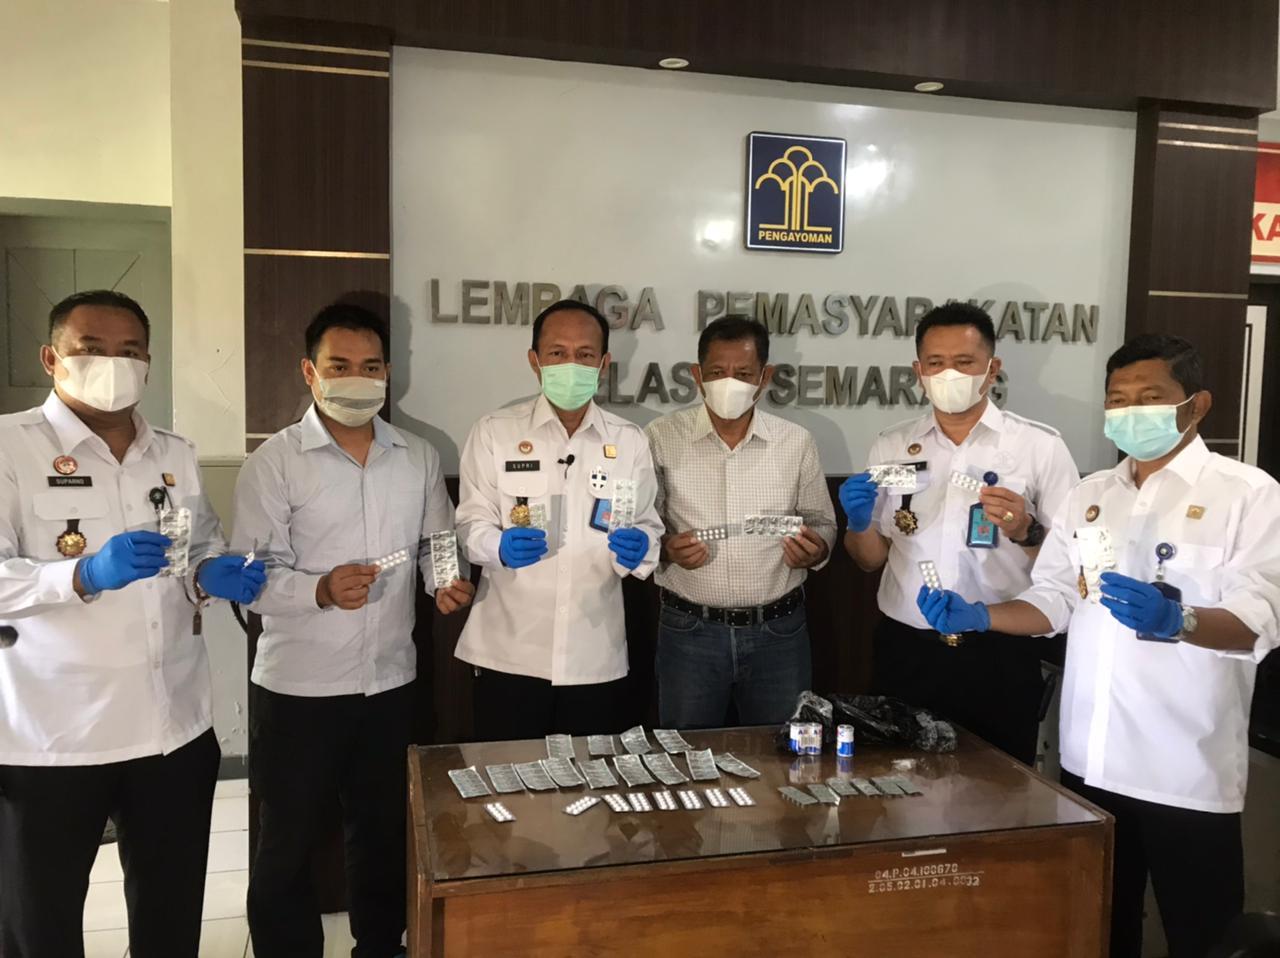 BERHASIL: Seorang petugas Lembaga Pemasyarakatan (Lapas) Kelas I Semarang, Riski M. Ridwan, gagalkan penyelundupan psikotropika ke dalam lapas. (ISTIMEWA/LINGKAR.CO)